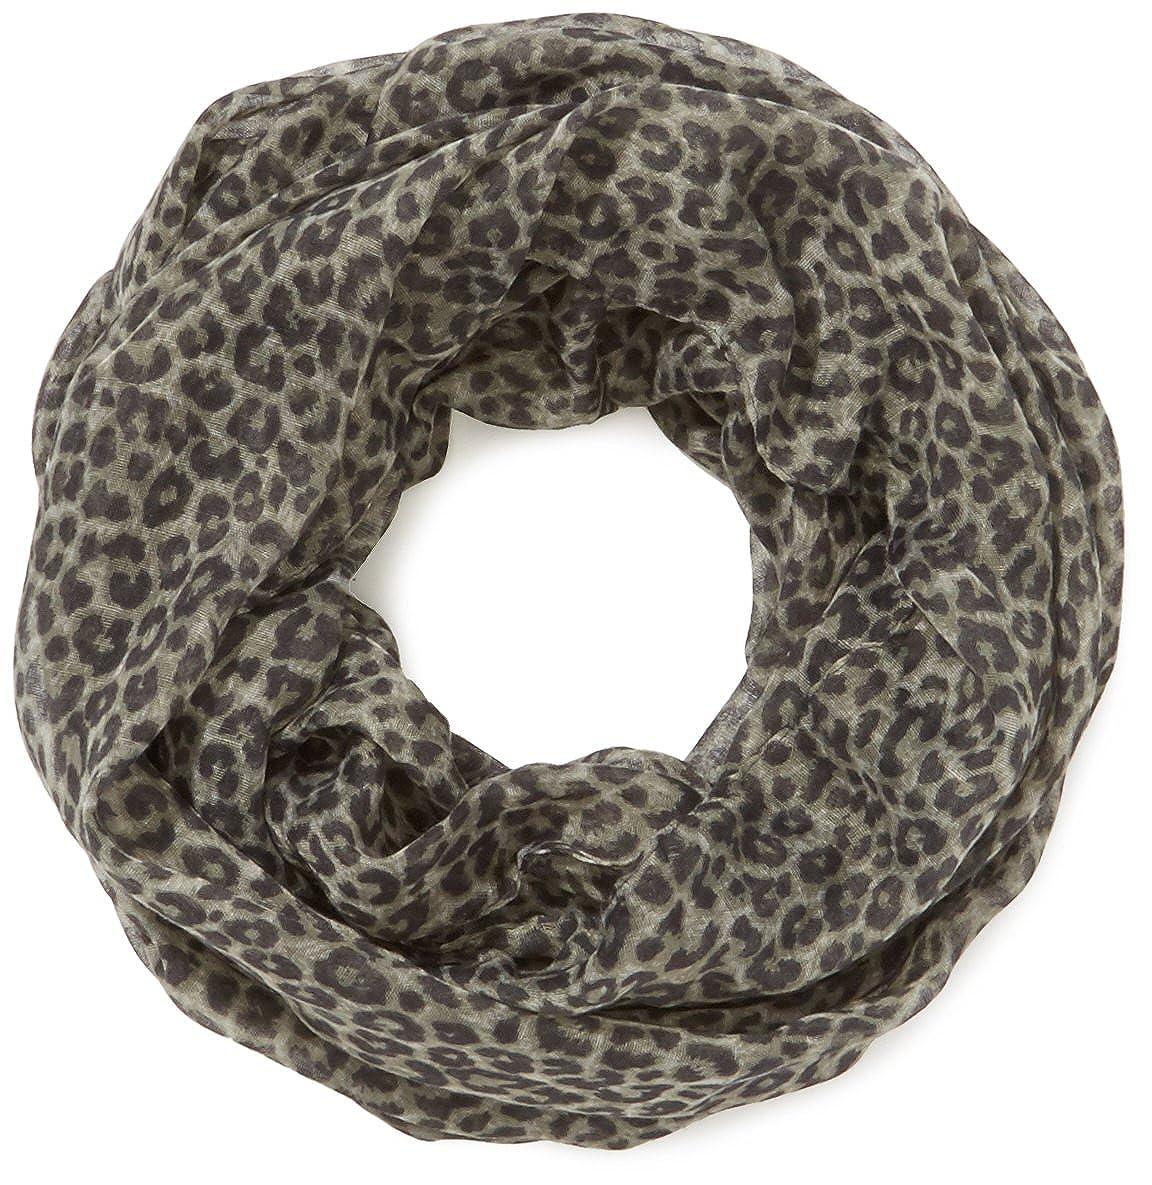 TOM TAILOR Damen Tuch leopard print tube/407 Einfarbig Gr. One size Beige (cashew beige 8229) 02181130970